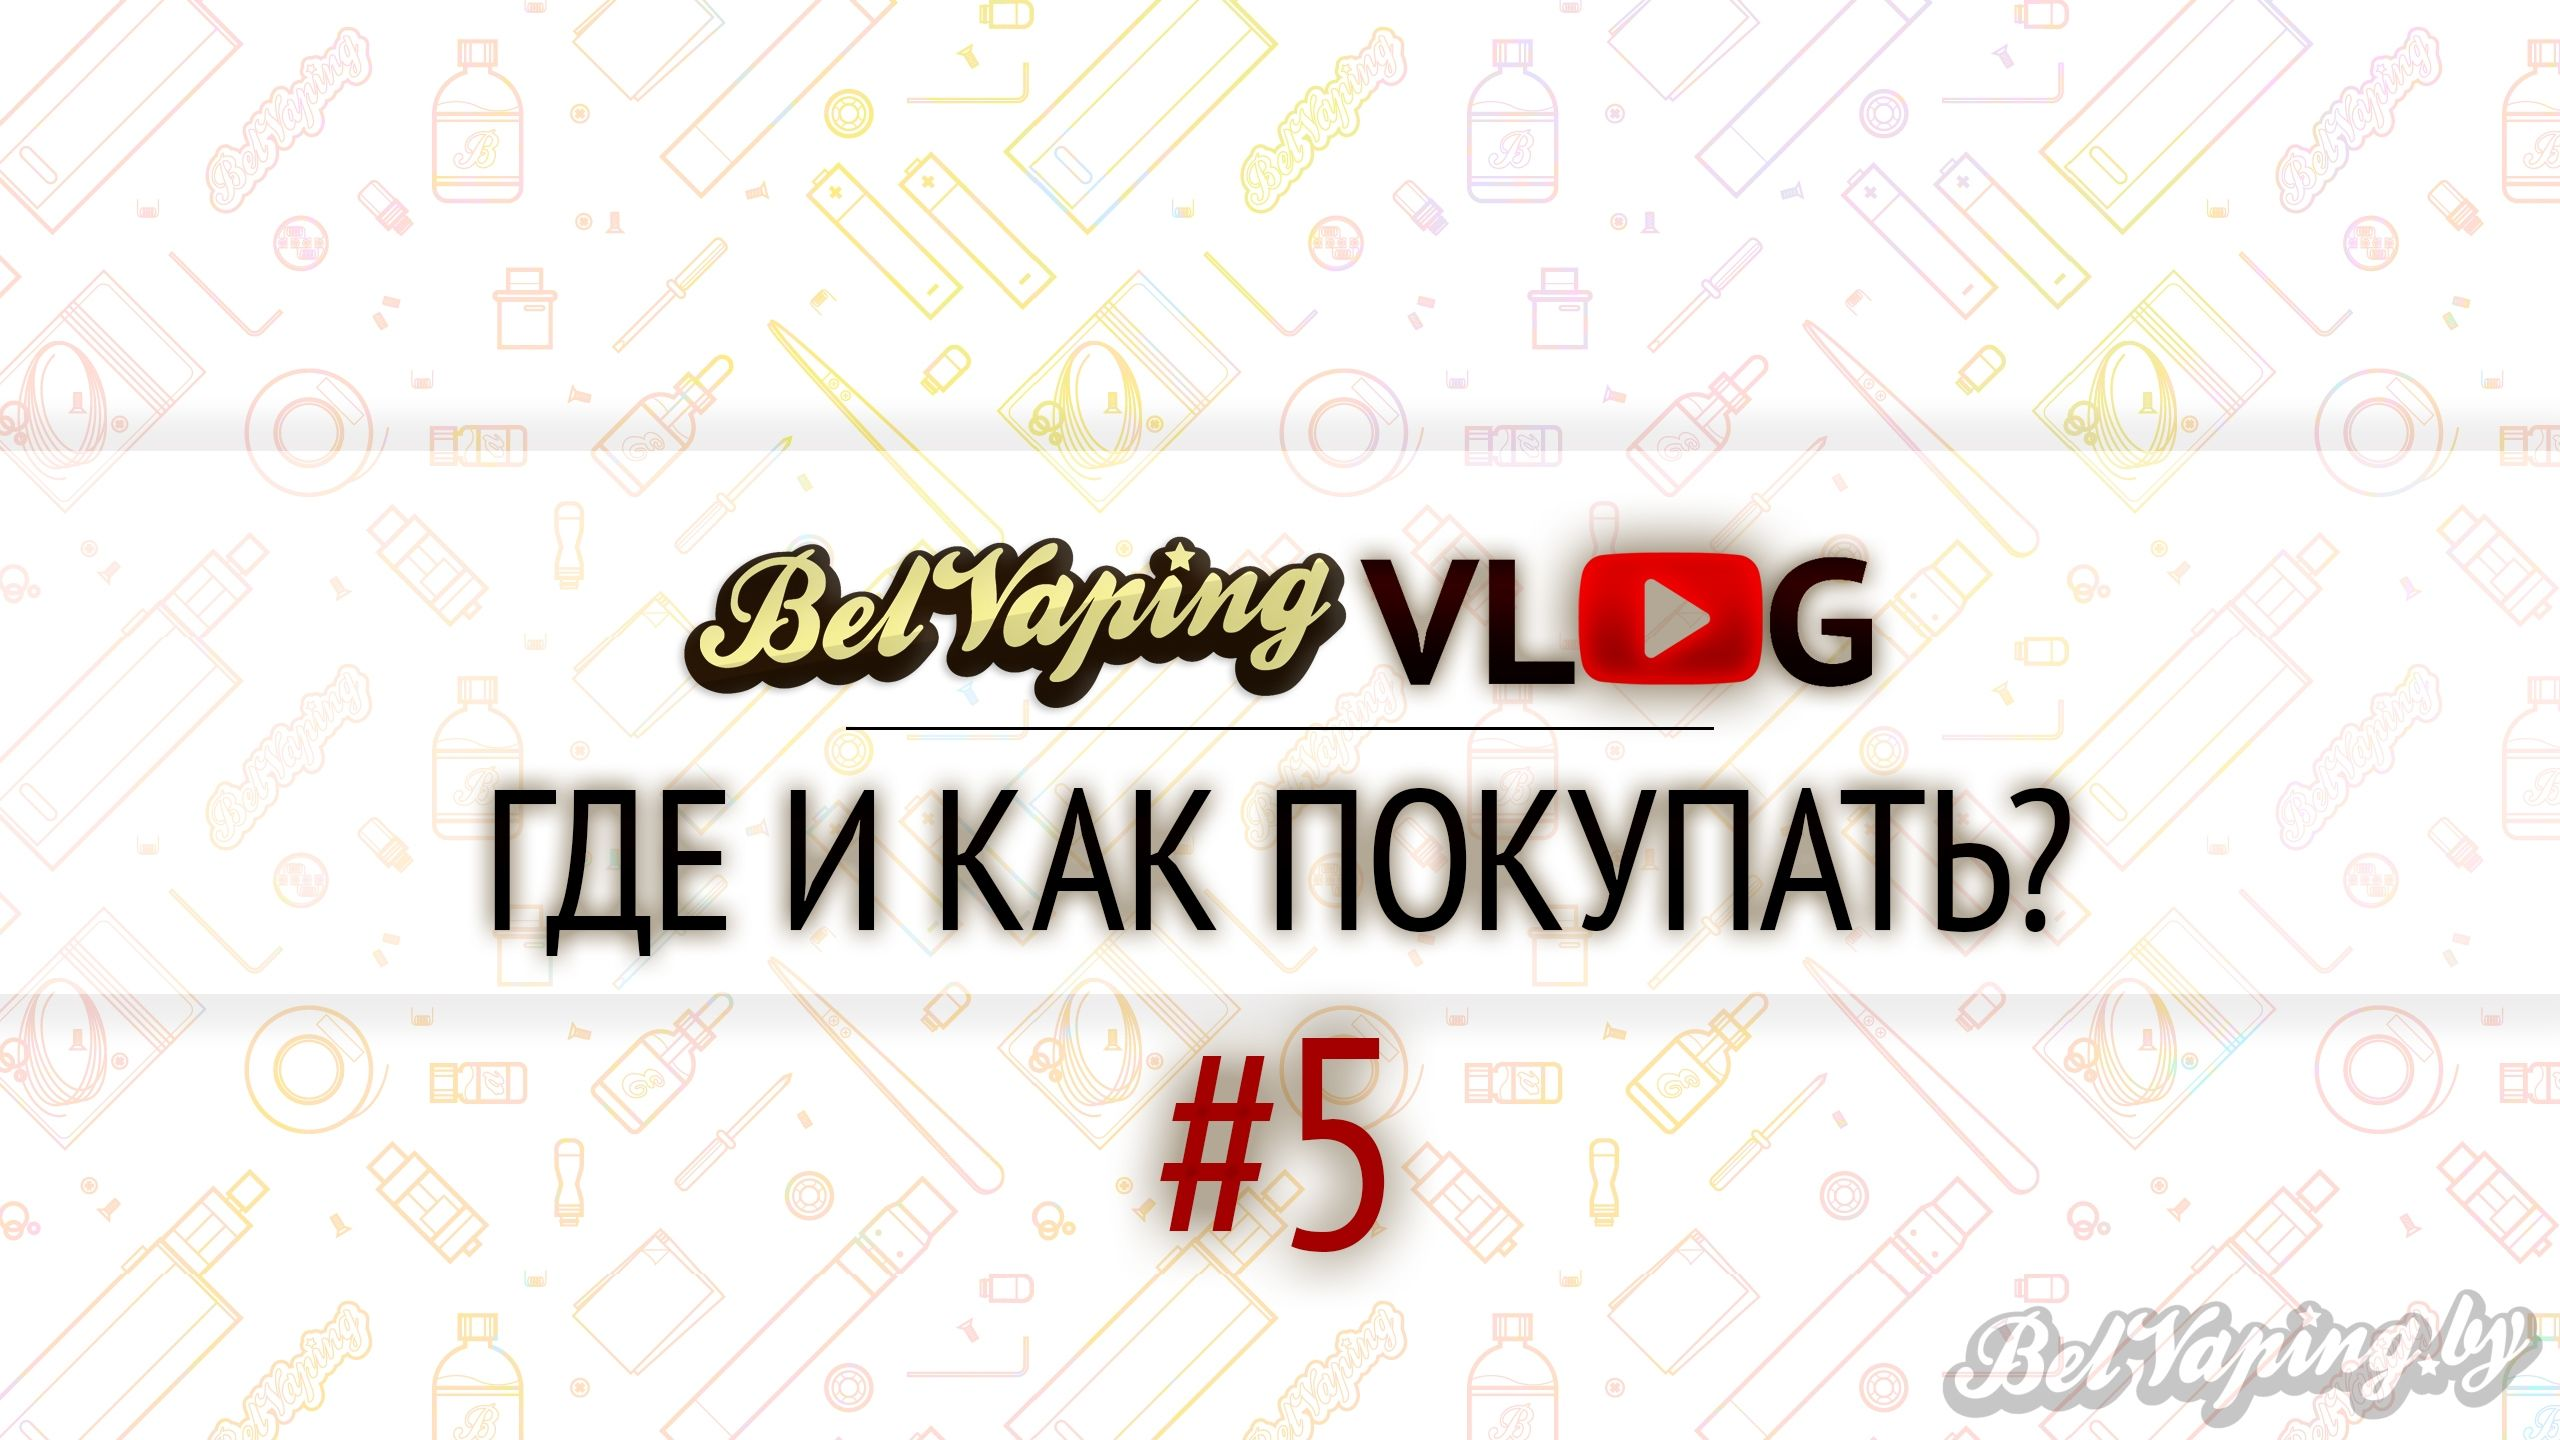 BelVapingVlog #5: Где и как покупать?